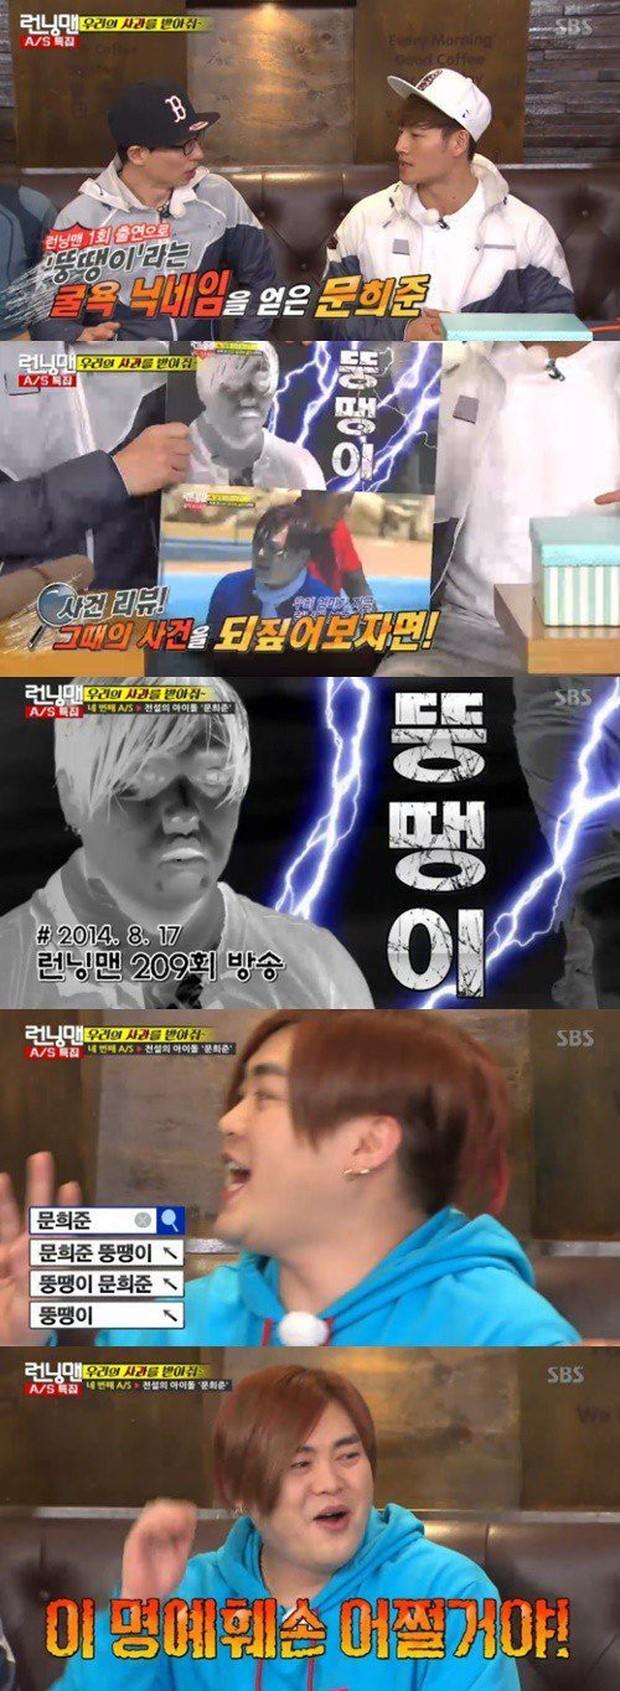 Đằng sau câu nói nổi tiếng trên Running Man: Kim Jong Kook làm nam idol sang chấn tâm lý 2 năm chỉ vì 1 từ chê bai - Ảnh 1.